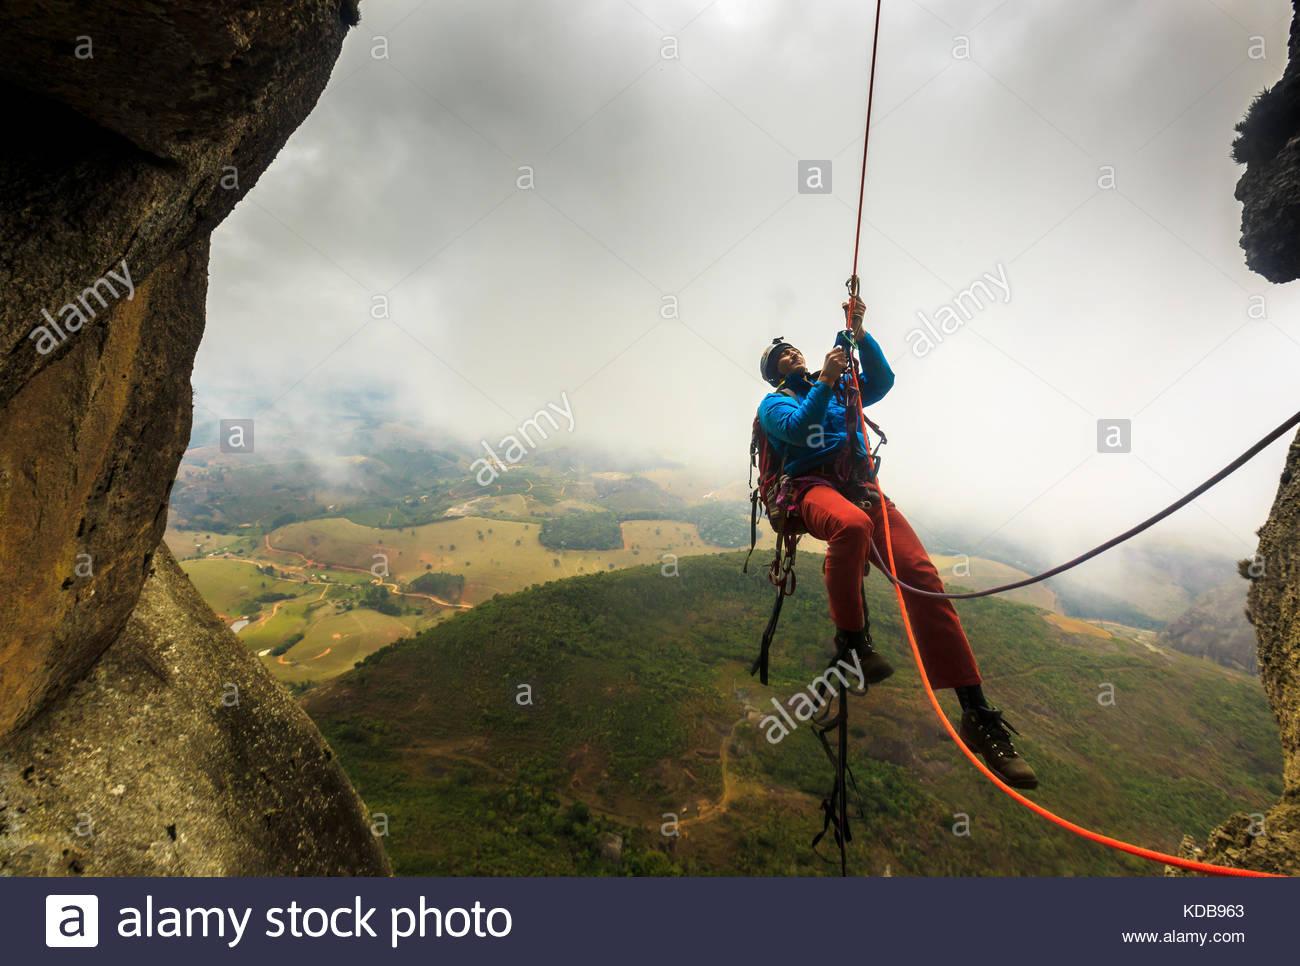 Männliche Kletterer aufsteigend in brasilianischen Berg. Stockbild